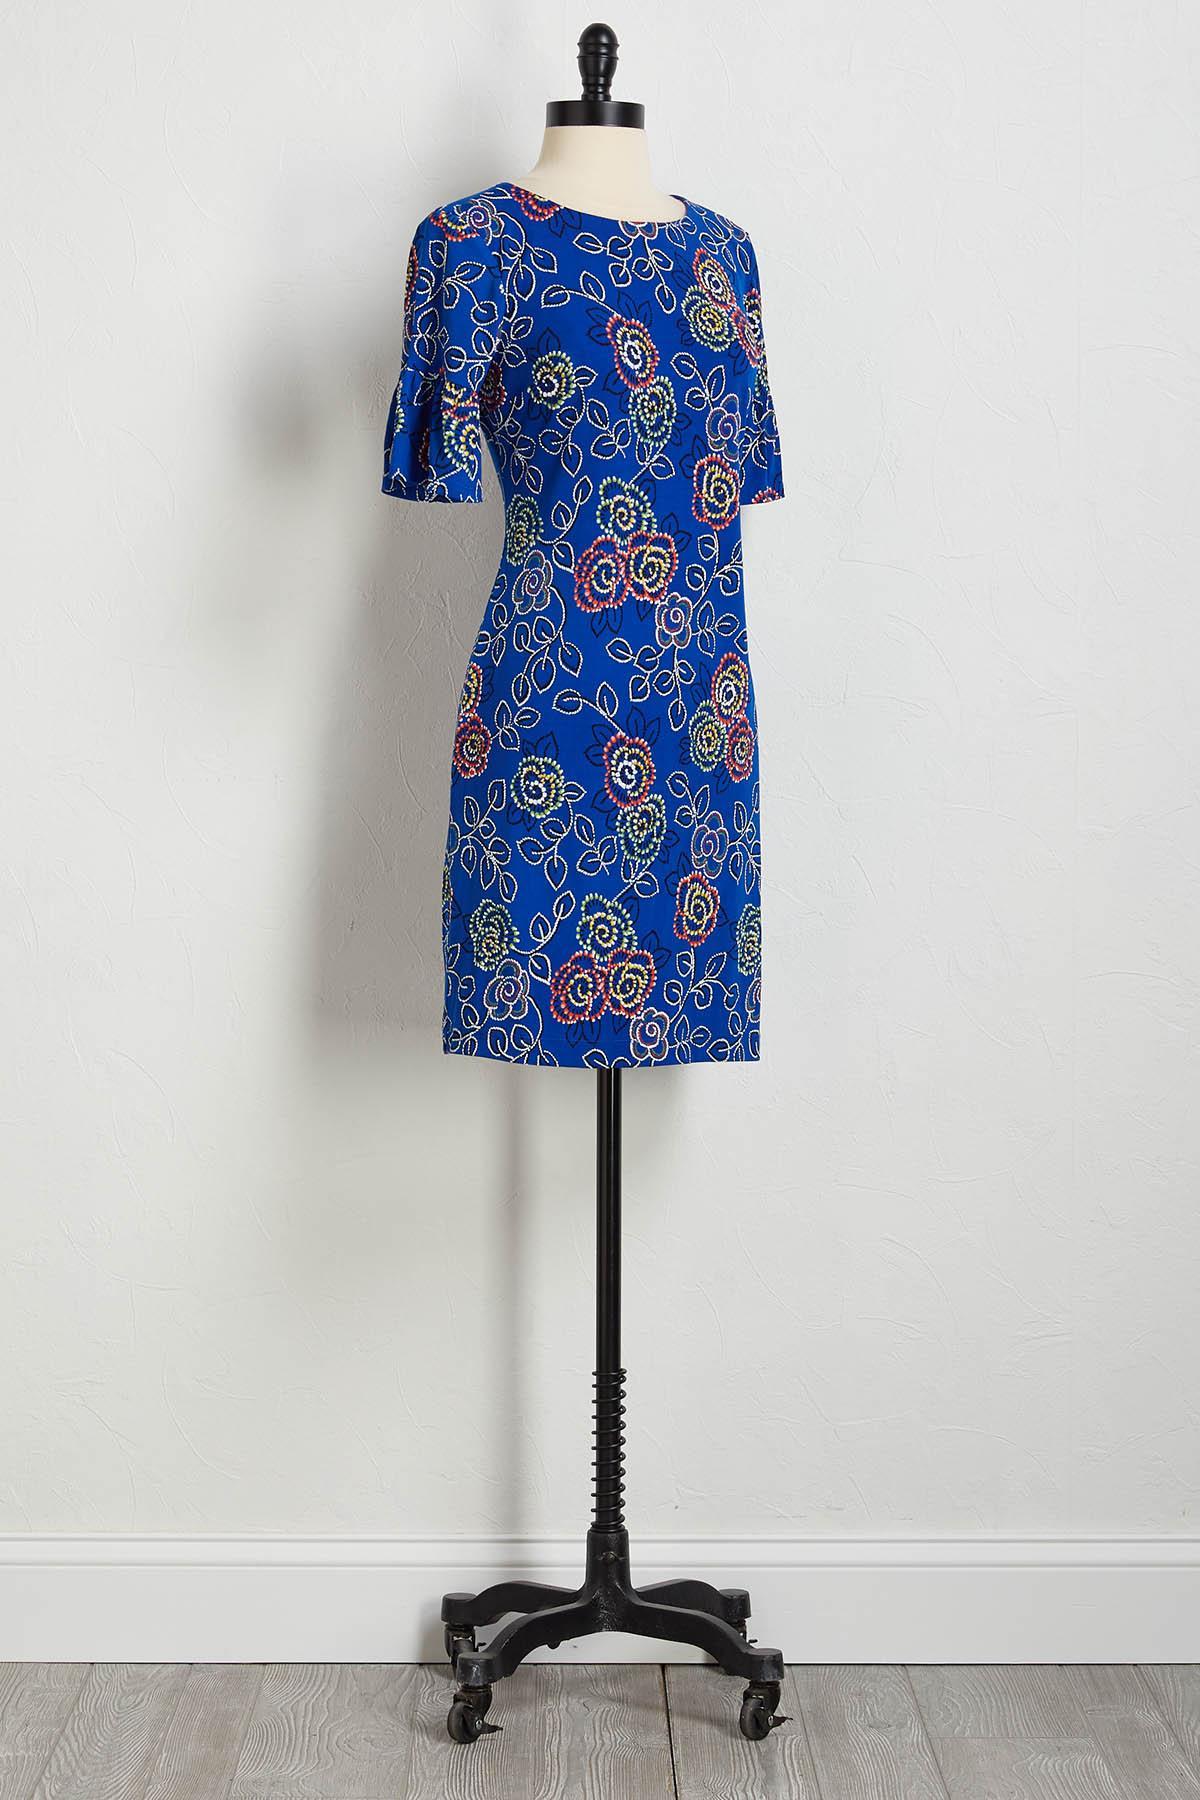 Textured Mod Floral Dress